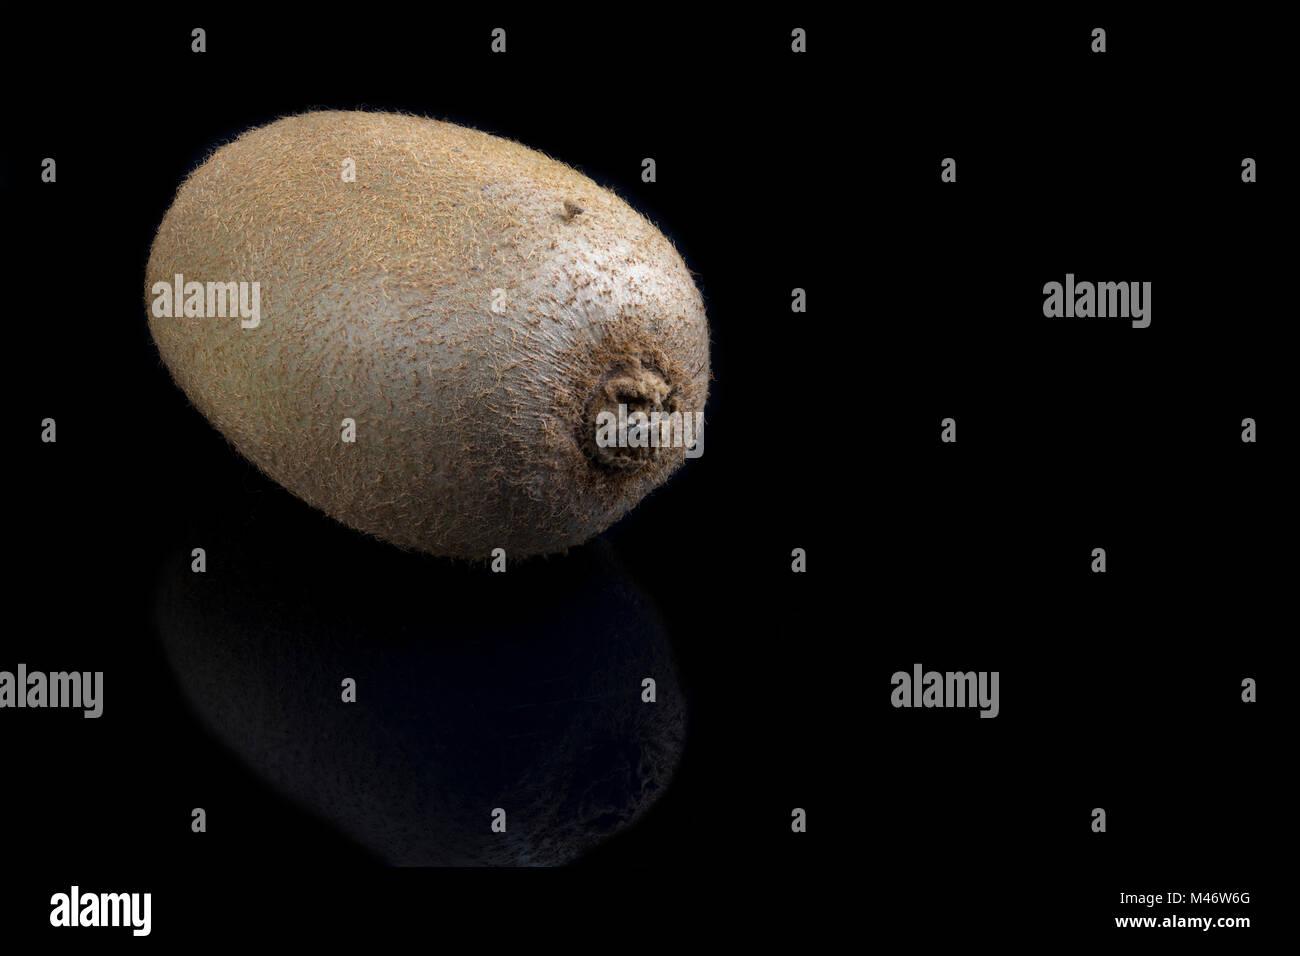 Kiwi on a black background. - Stock Image